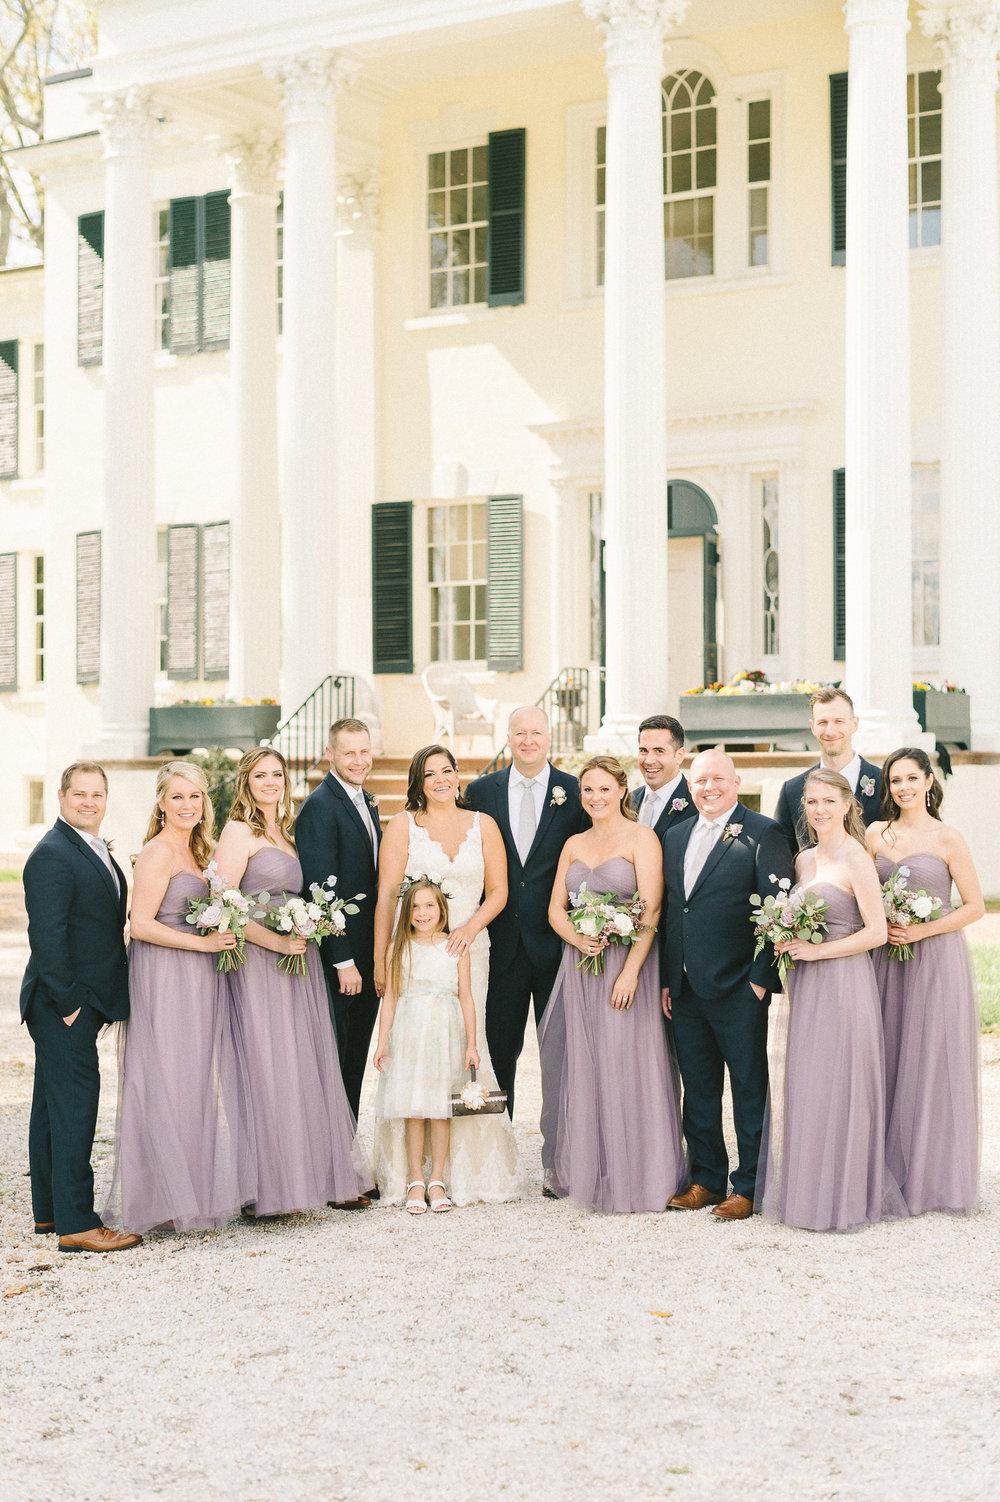 Elizabeth-Fogarty-Wedding-Photography-92.jpg